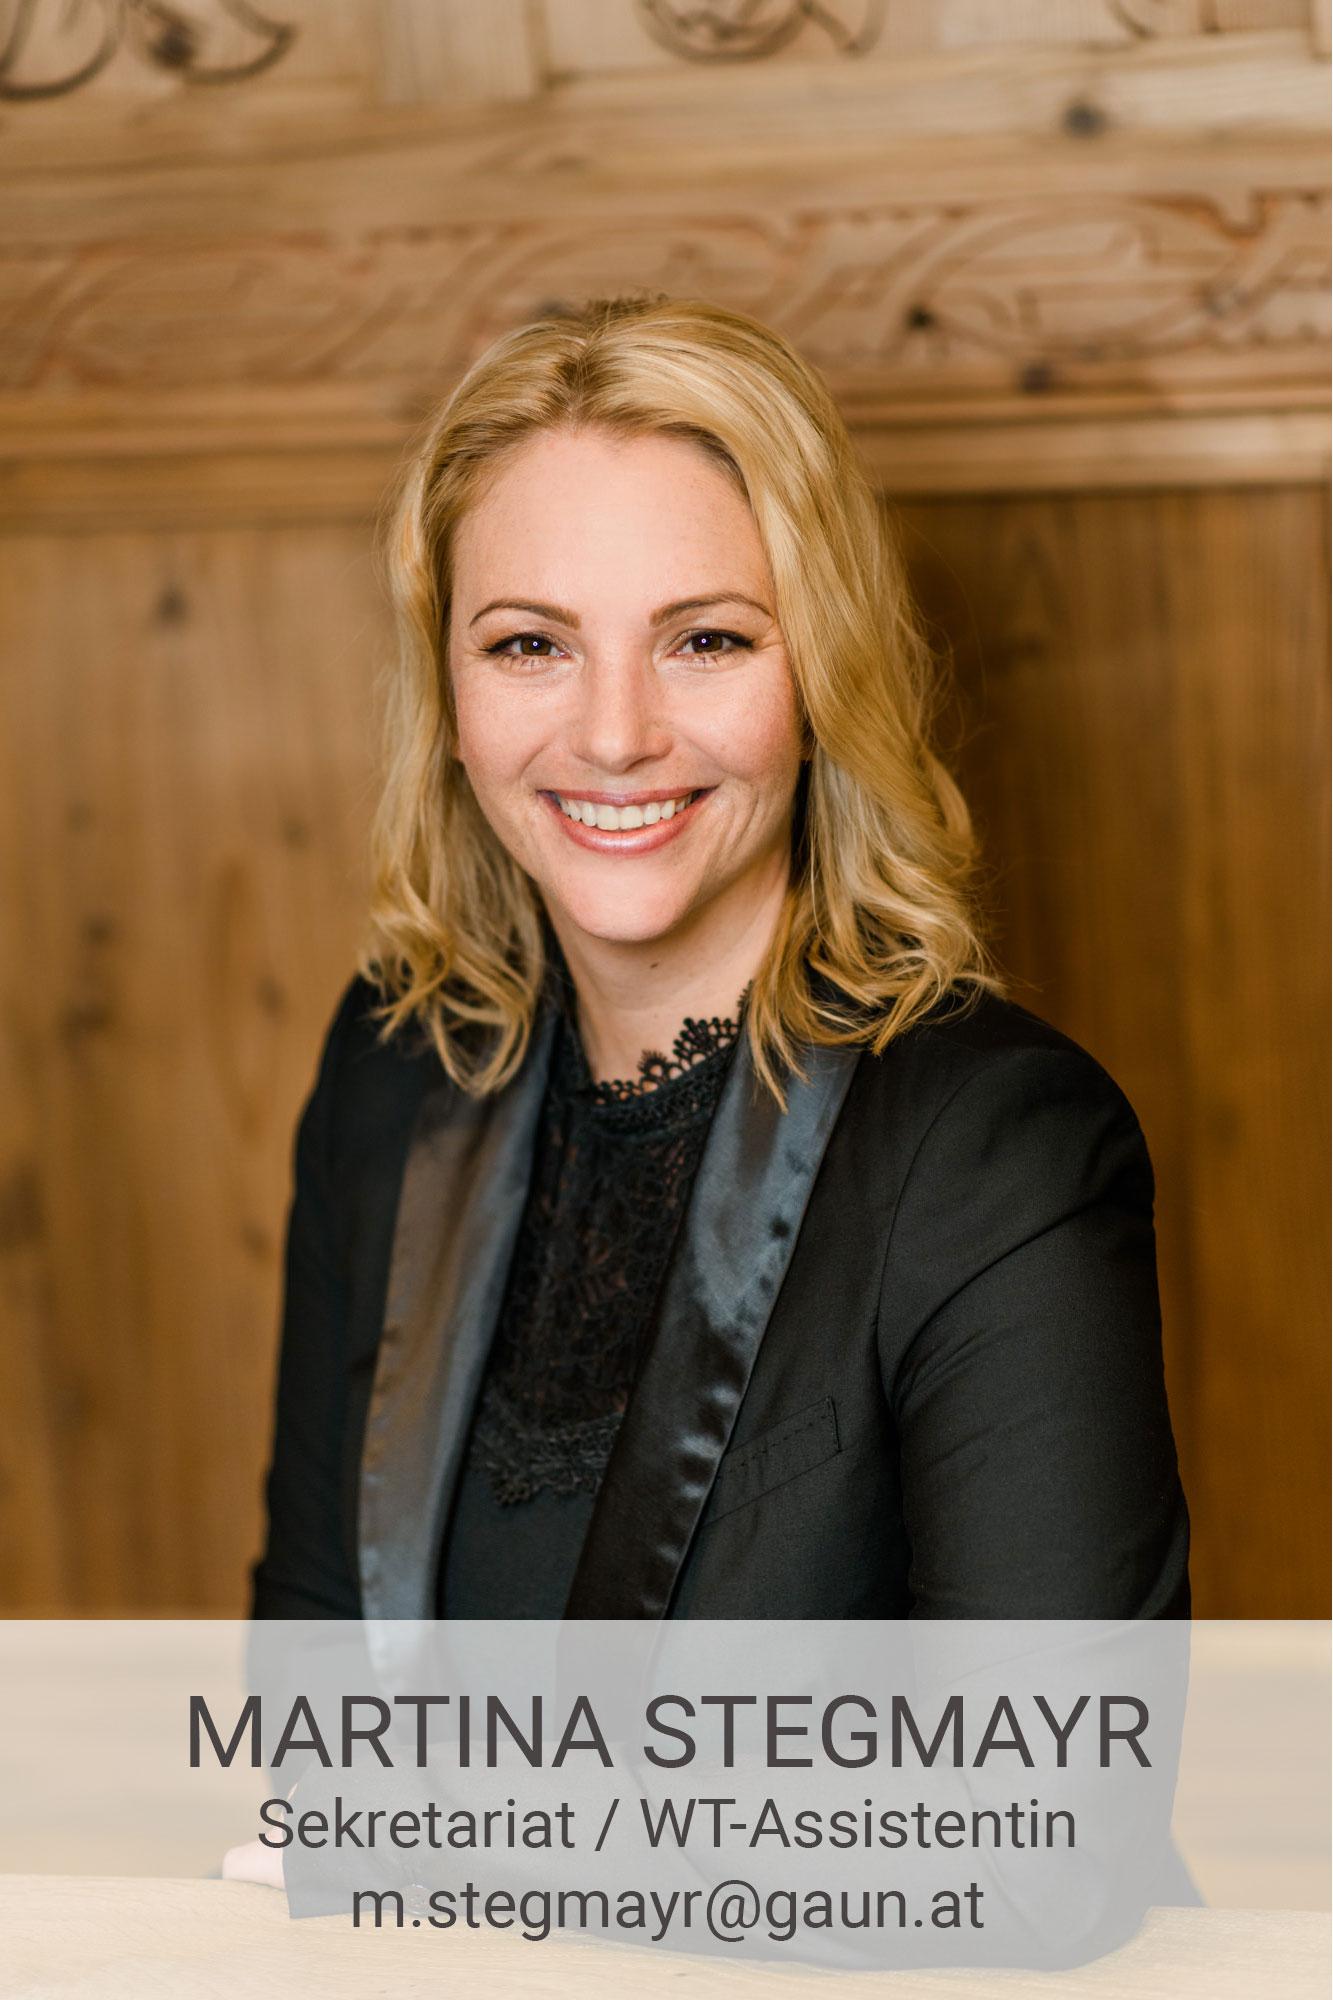 Martina Stegmayr